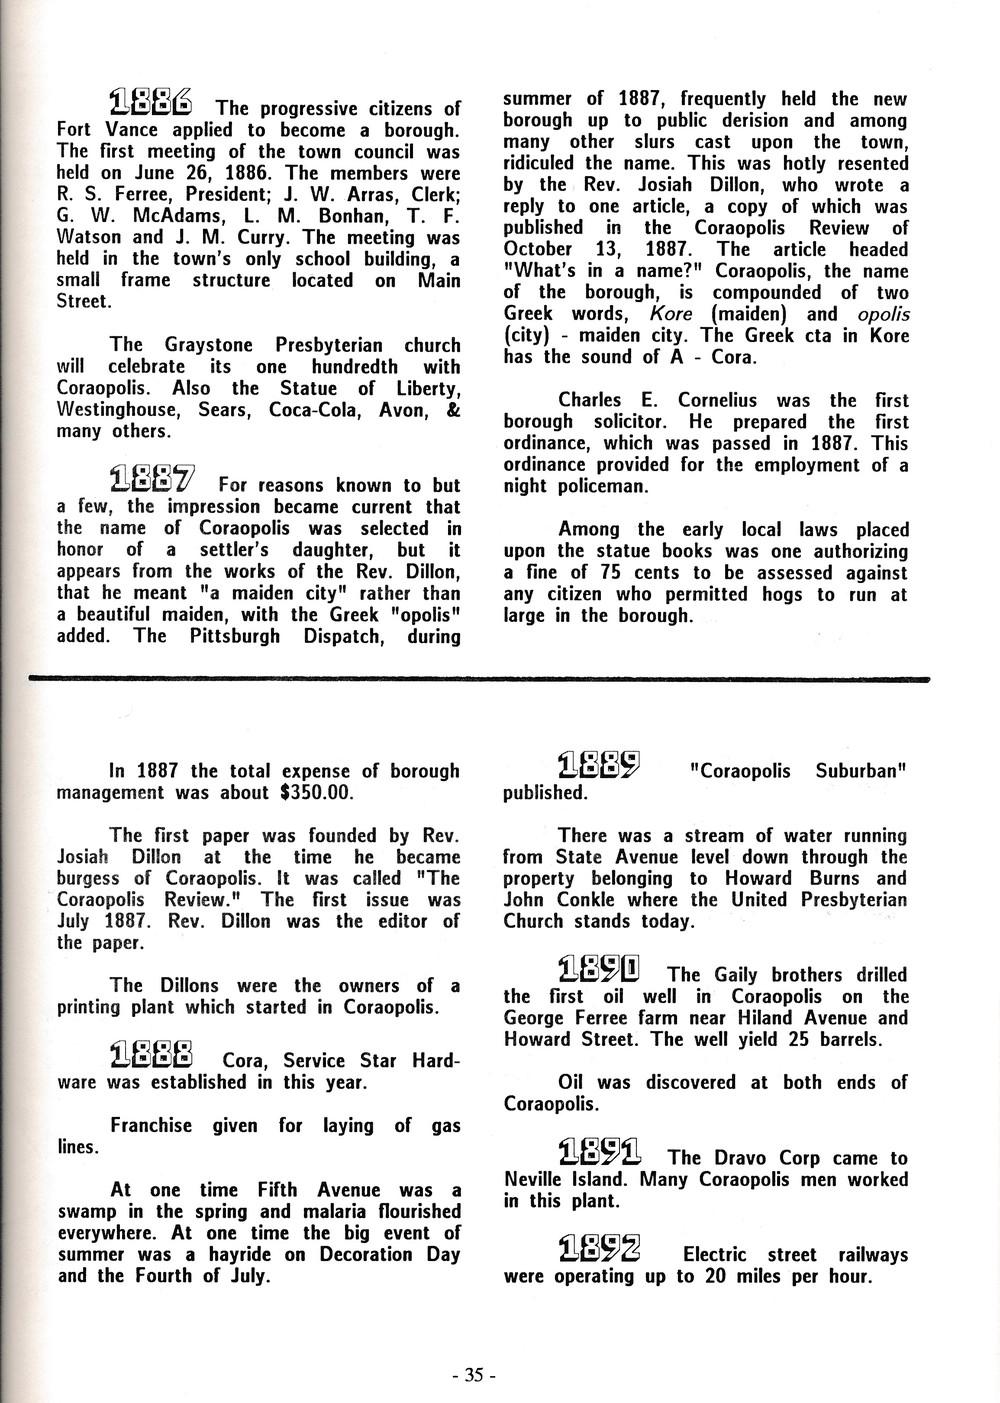 Coraopolis Centennial Booklet (37).jpg